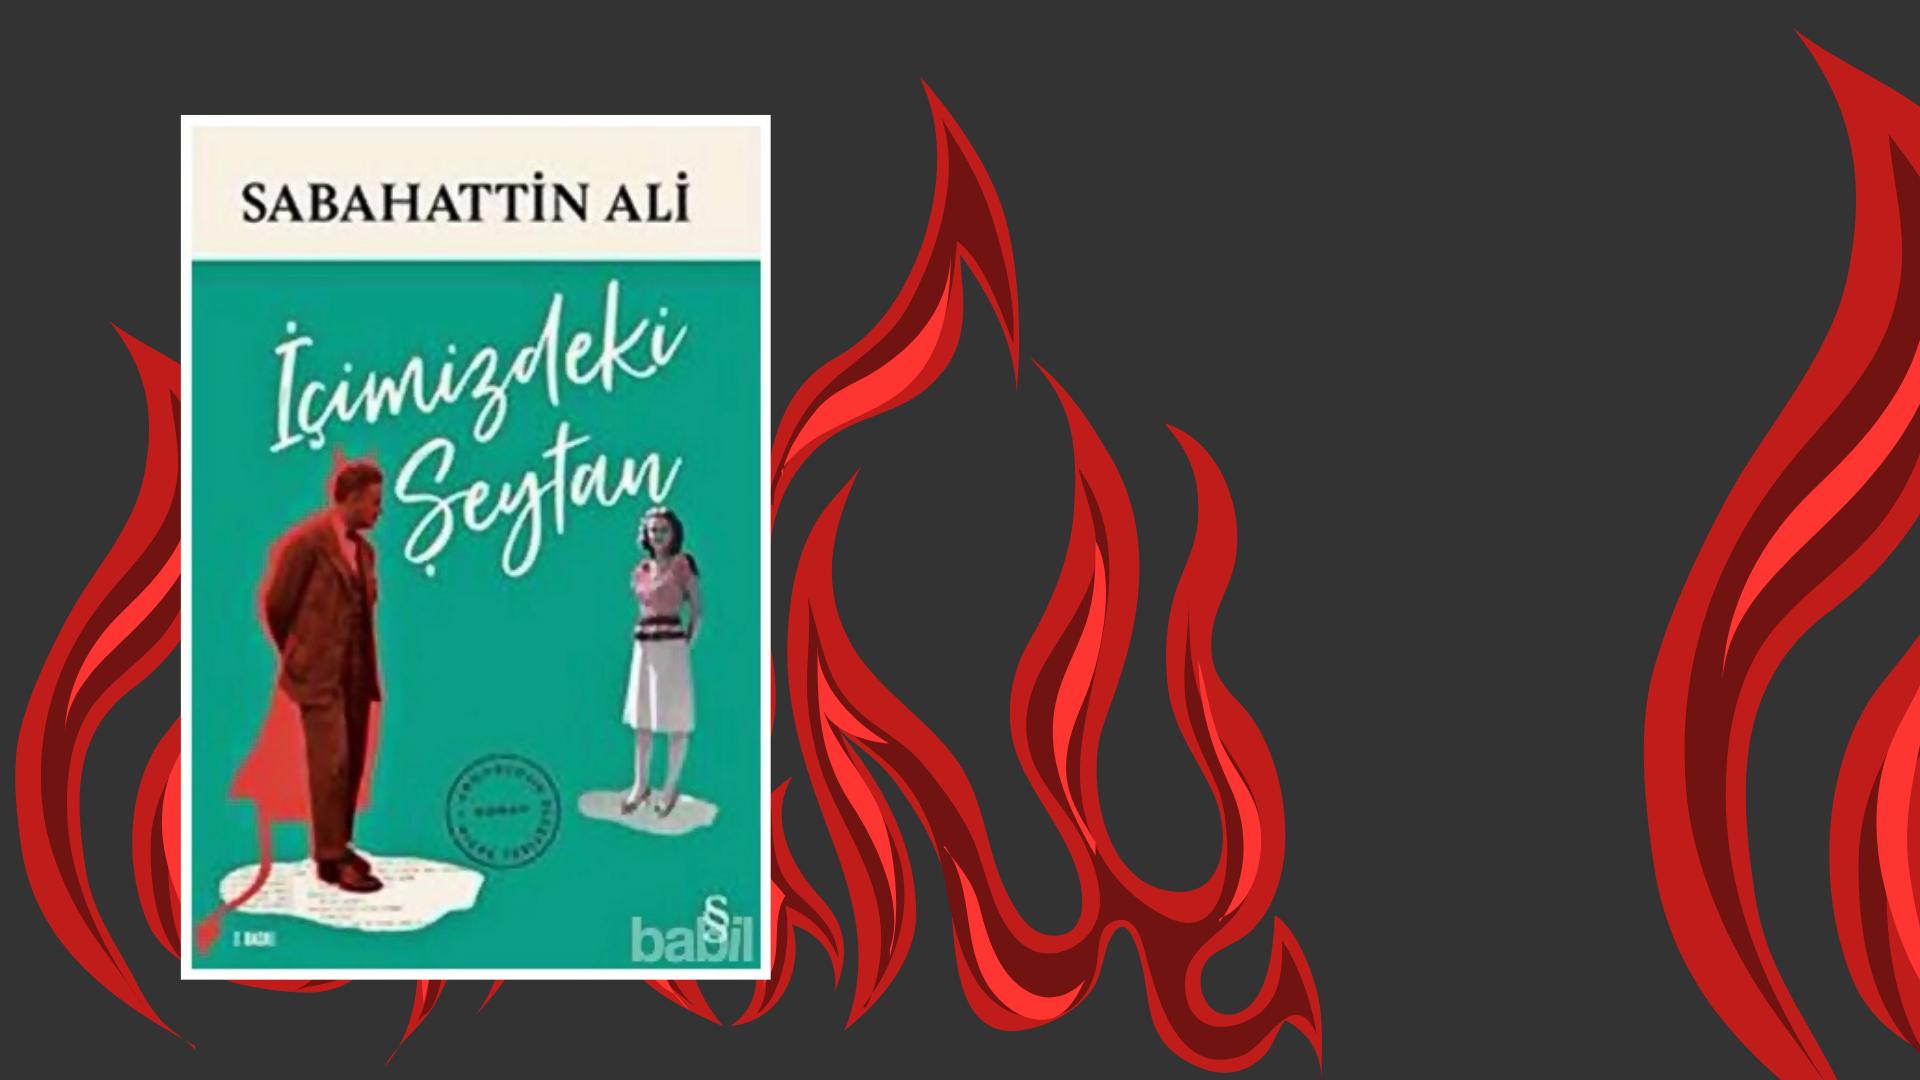 Kitap: İçimizdeki Şeytan | Yazar: Sabahattin Ali | Yorumlayan: Kübra Mısırlı Keskin